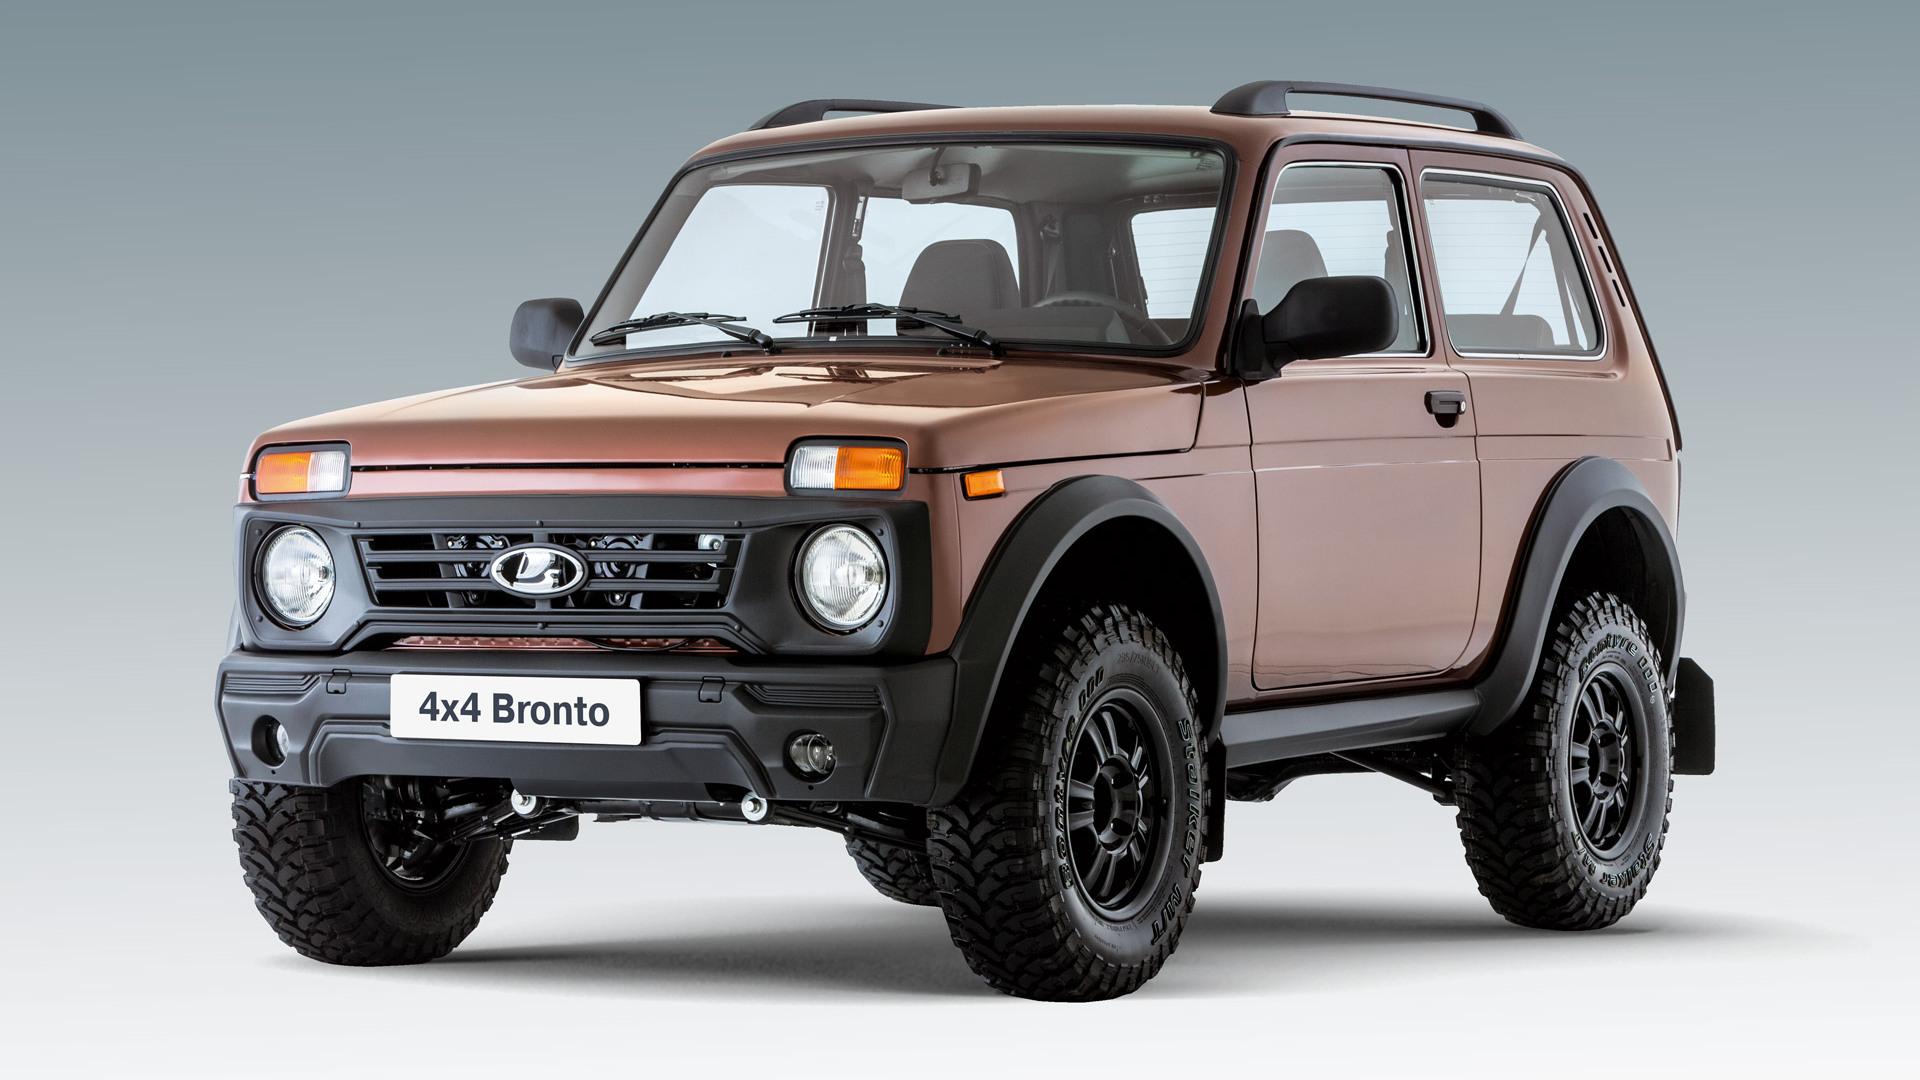 lada-4x4-bronto-10